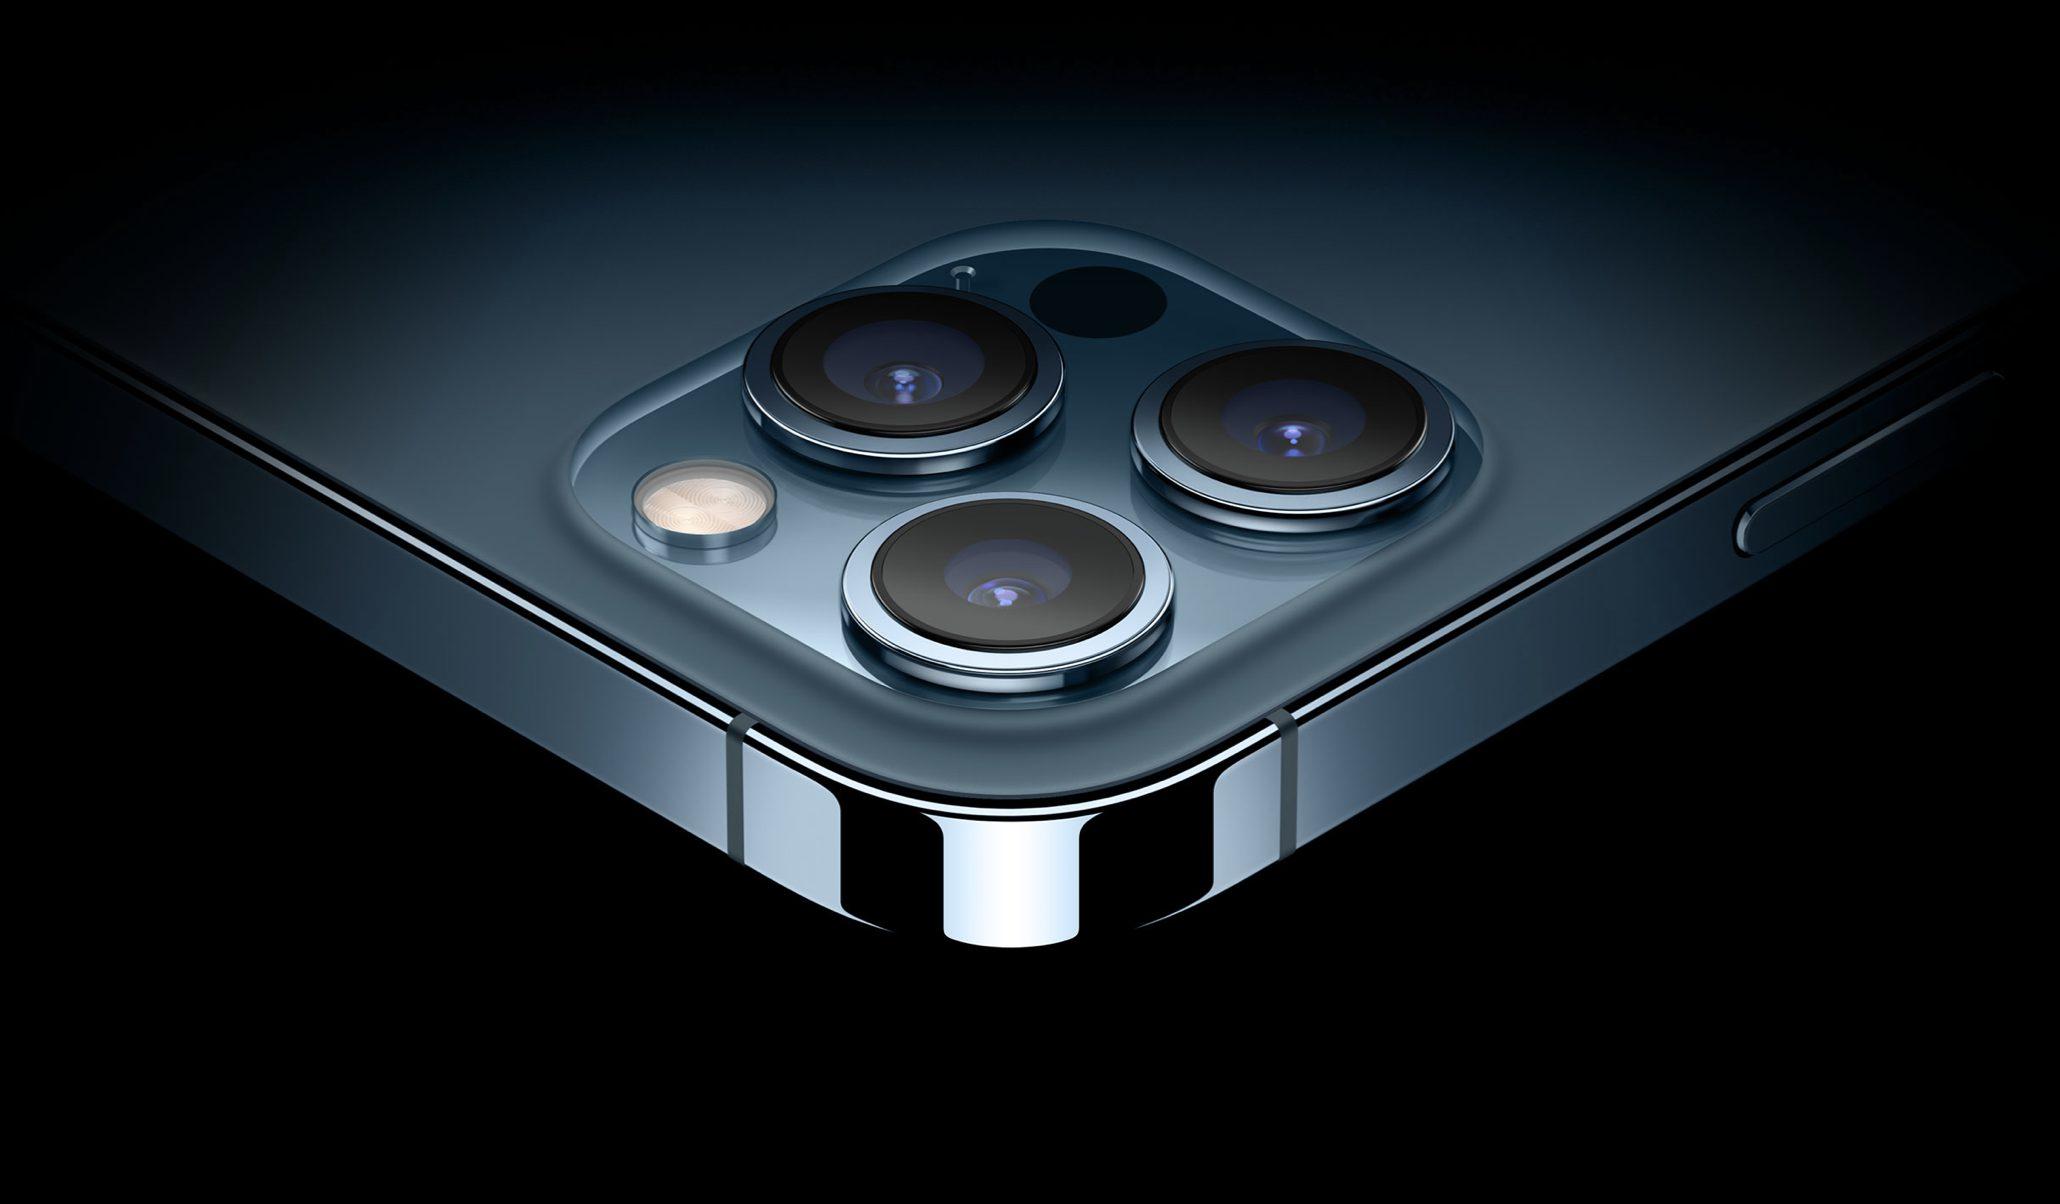 iPhone 12シリーズ(特にPro以上)のすごいカメラ性能を簡単に解説します | telektlist